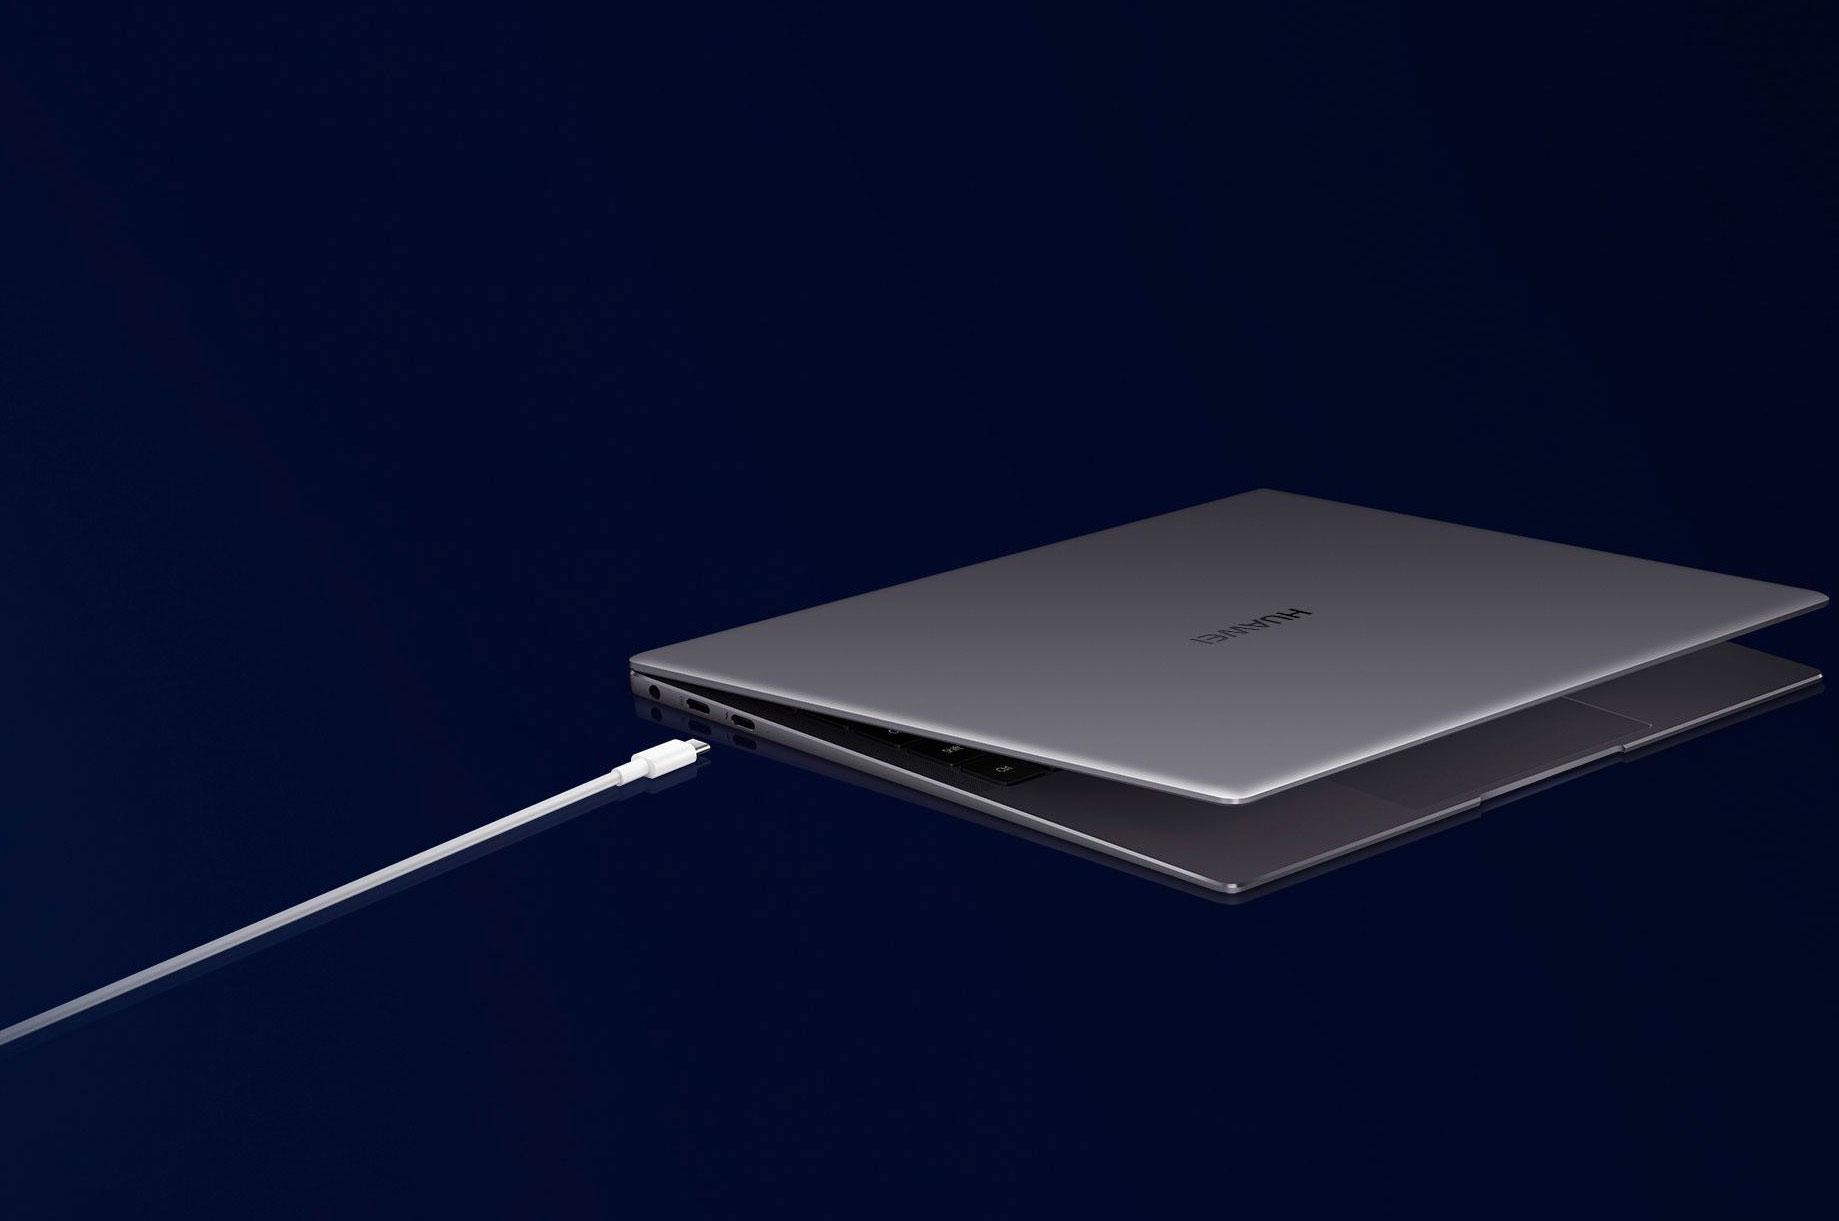 Le Huawei Matebook X Pro (2020) propose des finitions soignées